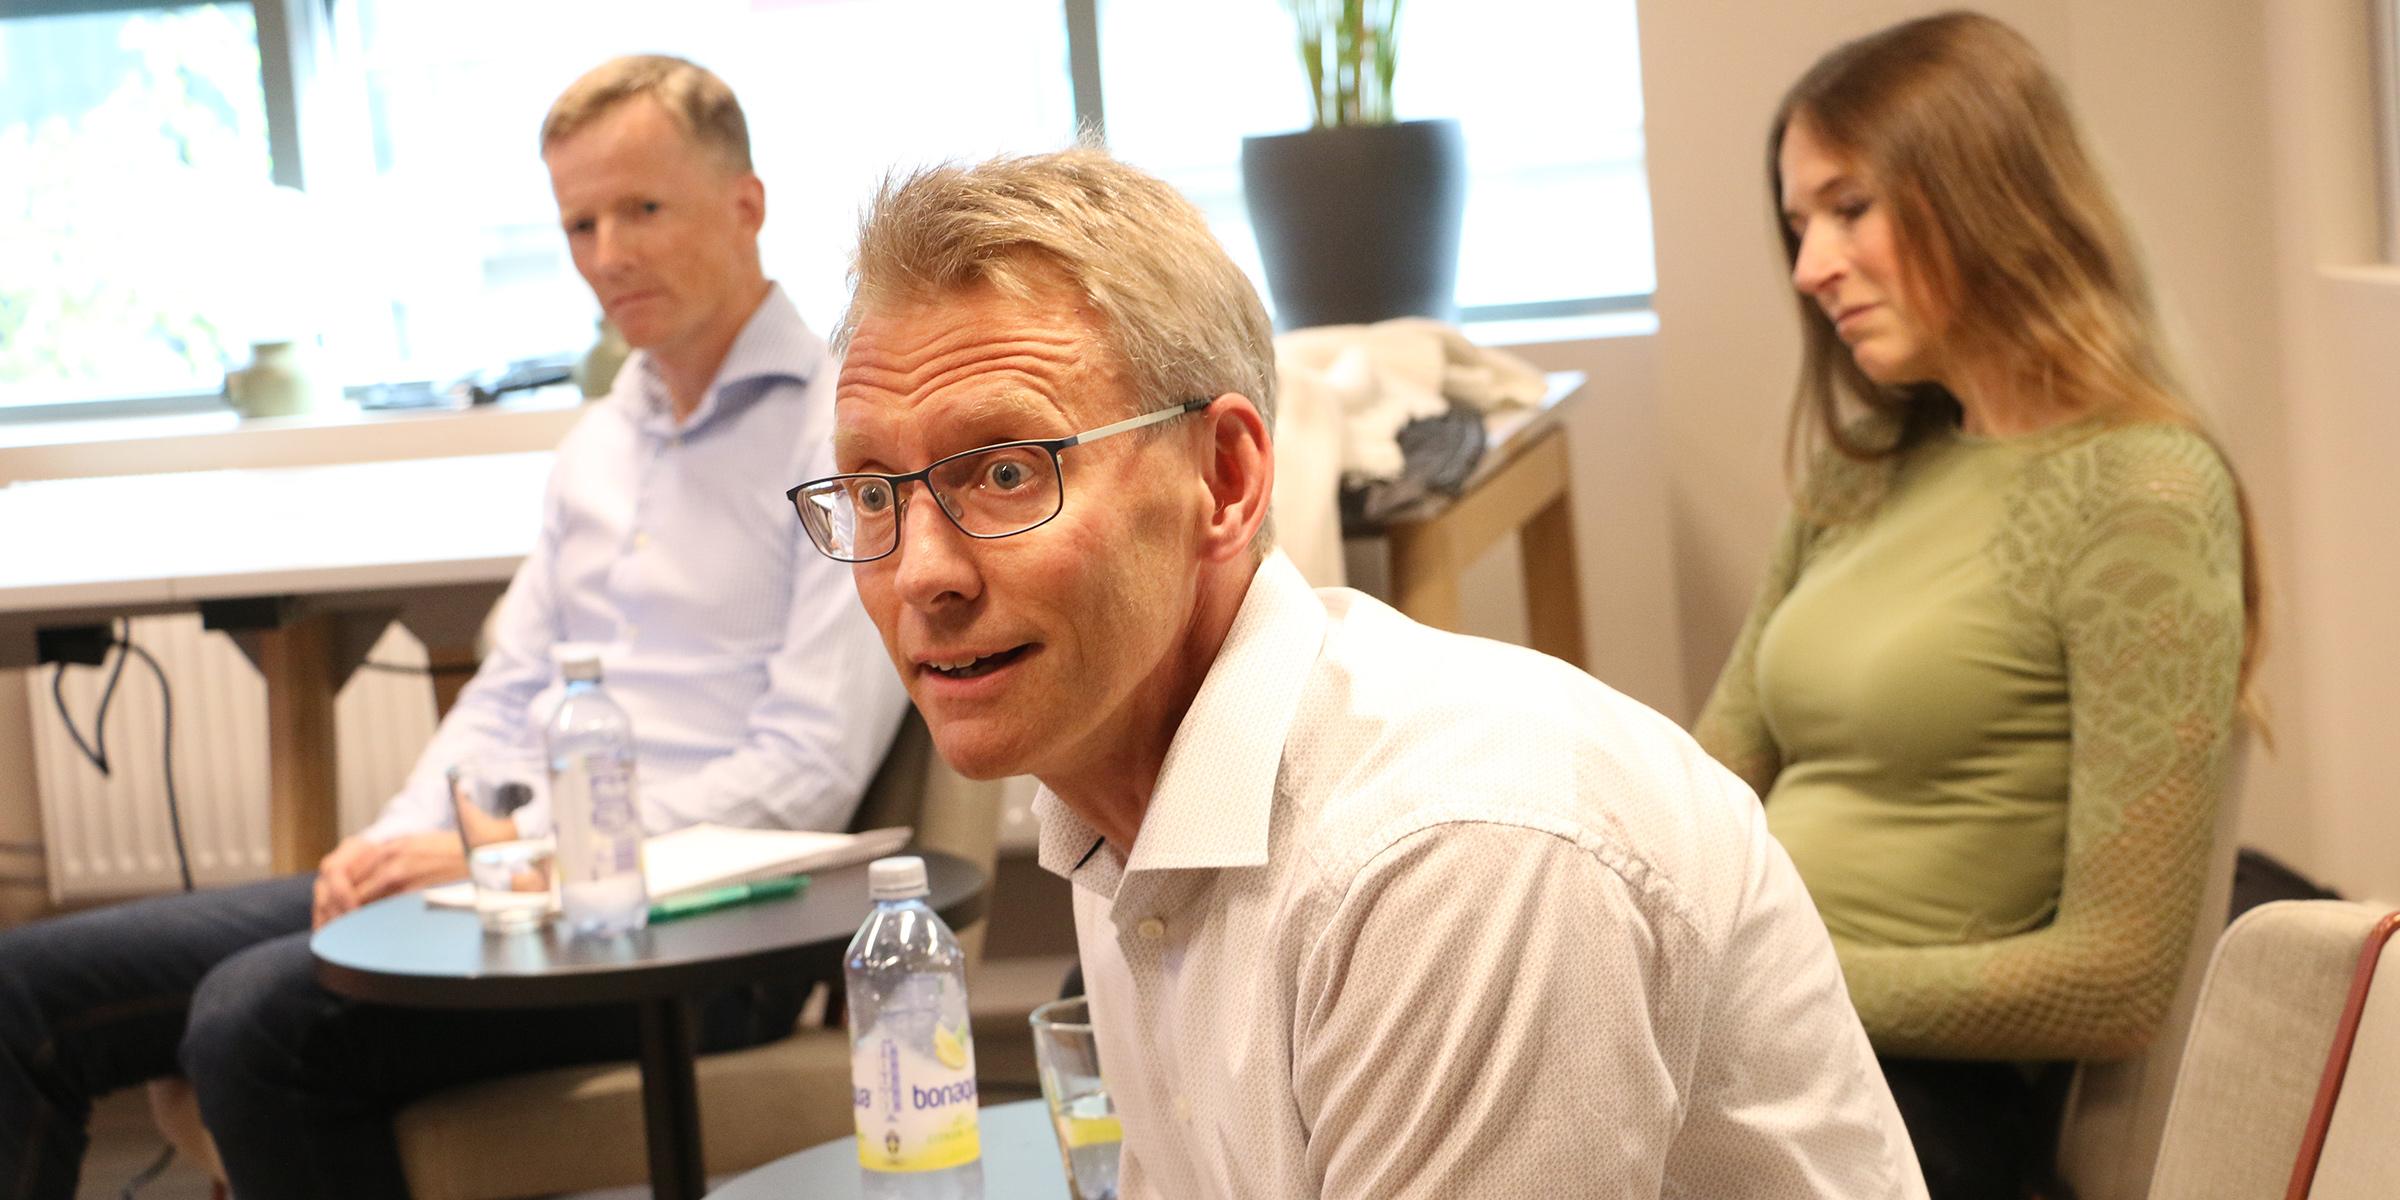 Per Nordgren, från bolaget Karnell, var en av tre investerare i kvällens panel som samtalade startupbolagen. De övriga var Mattias Pettersson, Northern Light Capital, och Lena Fridlund Forsgren, Partnerinvest Norr.